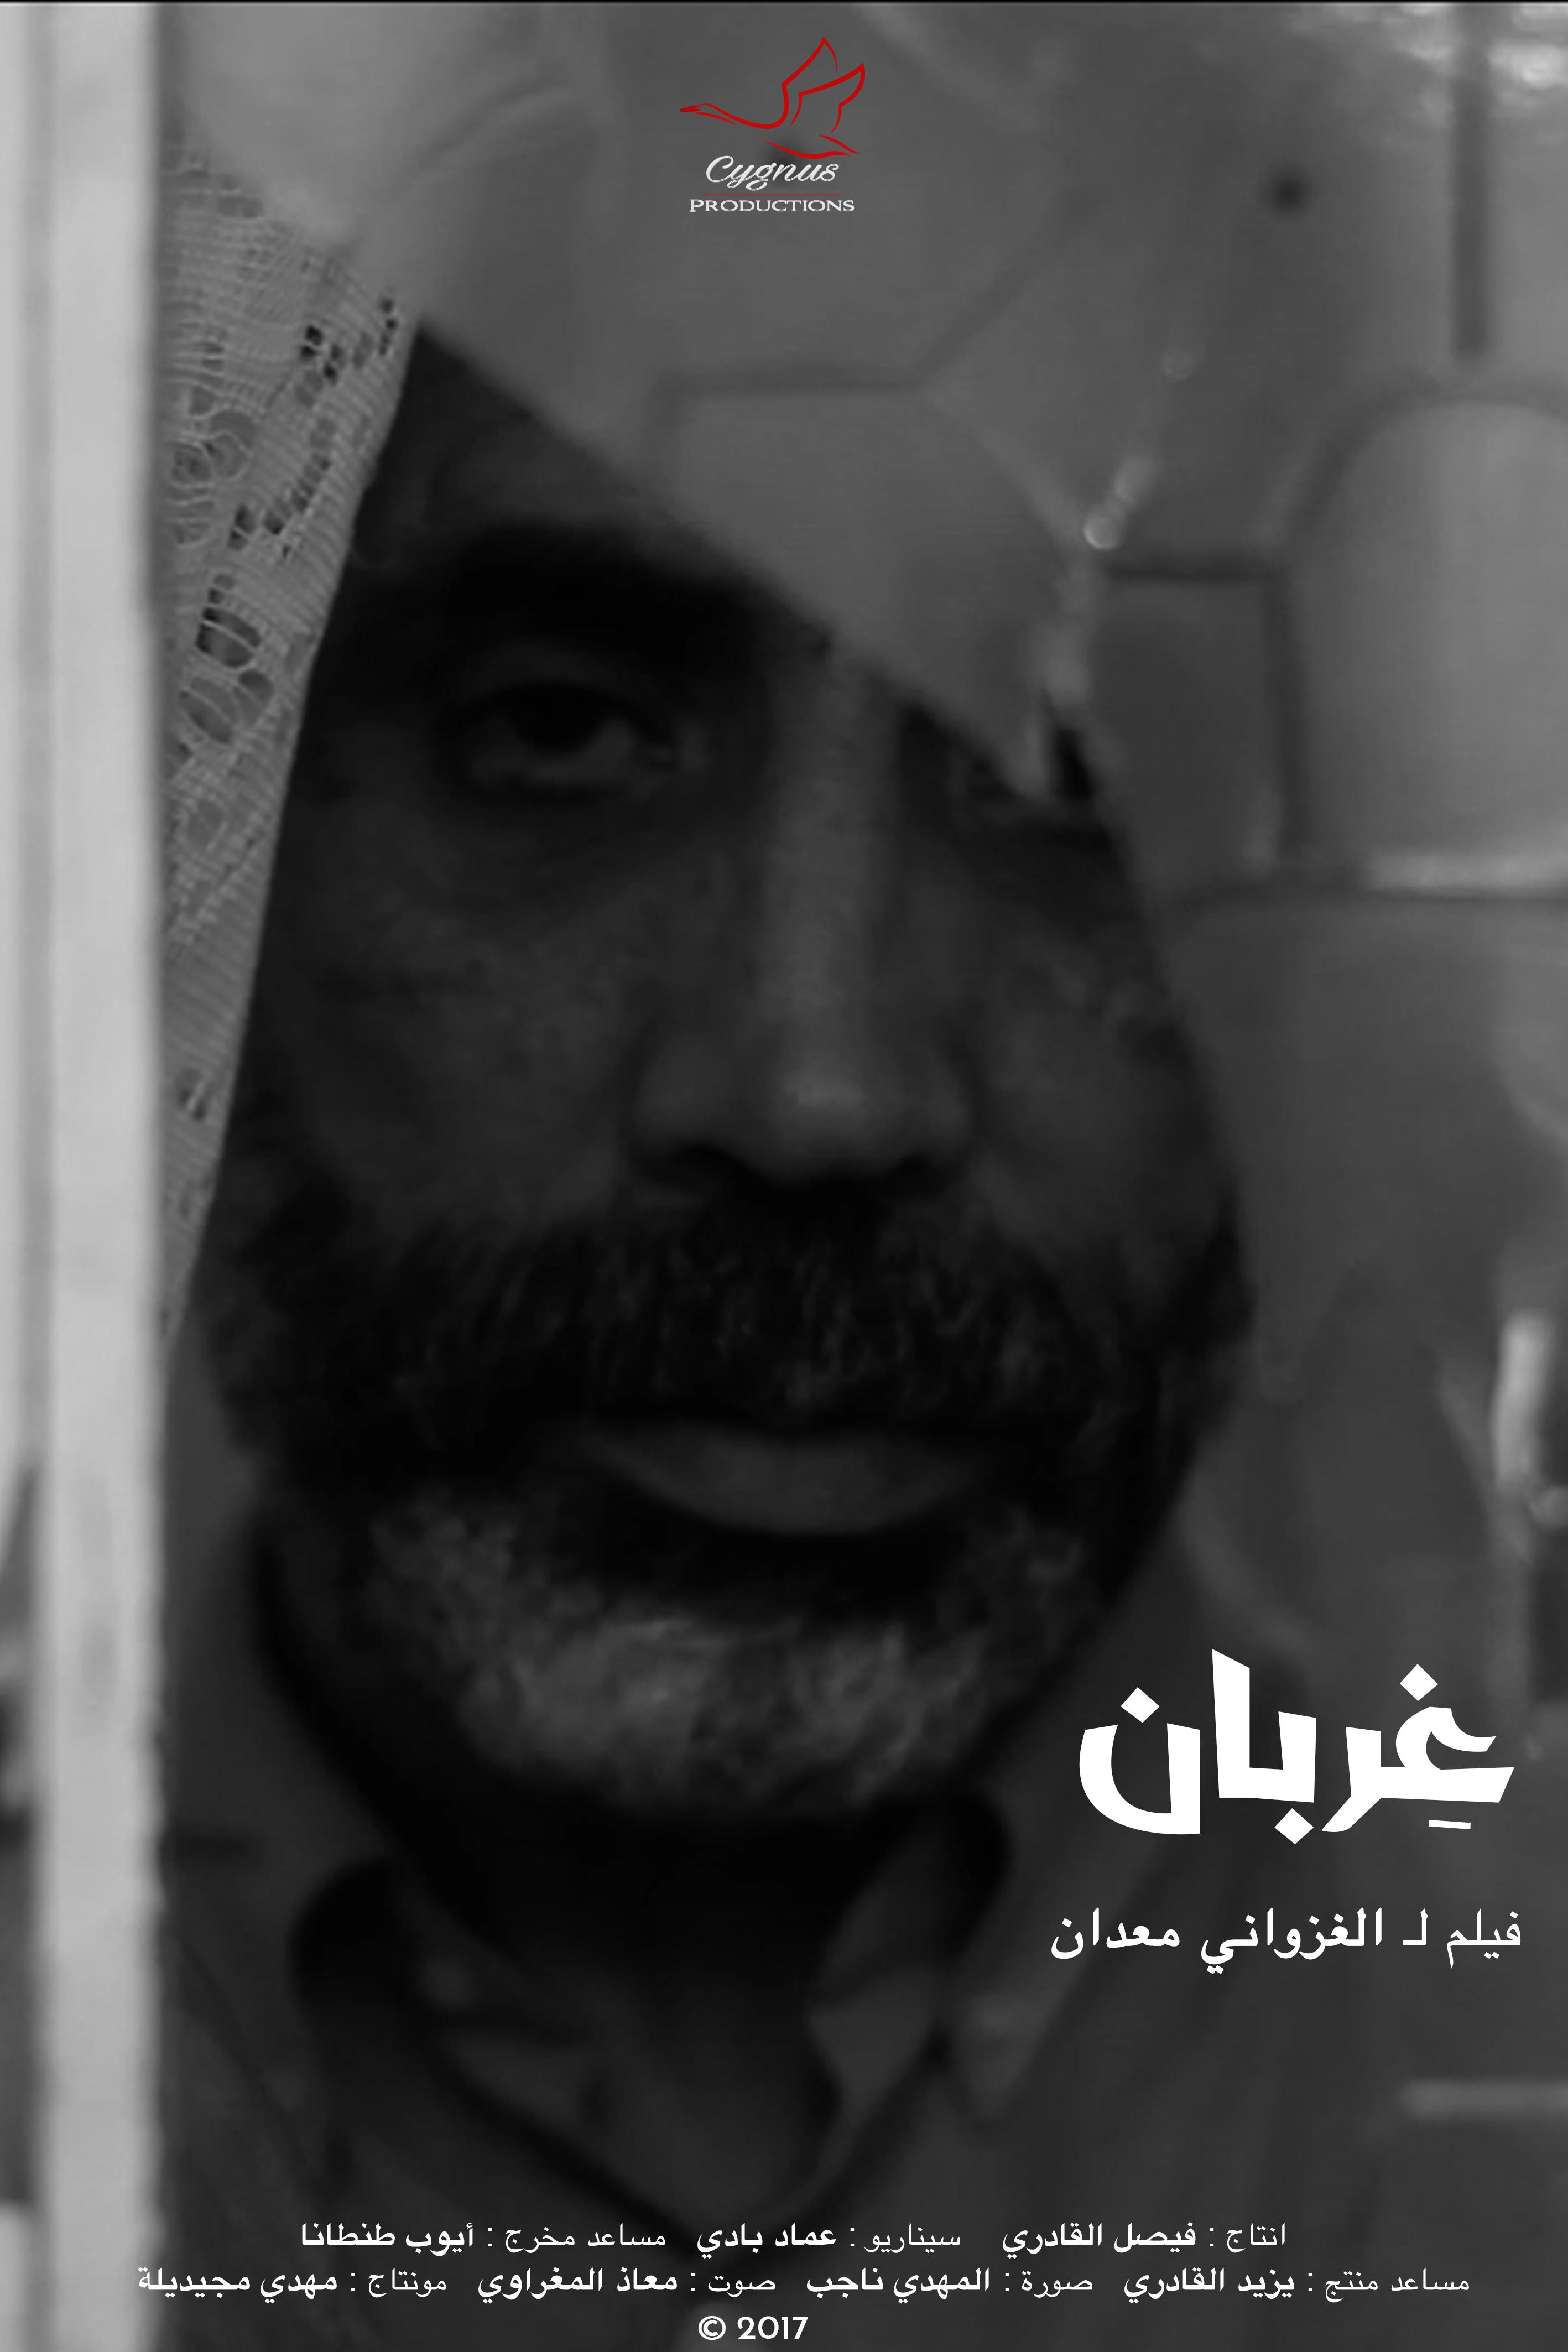 Gharbal El Ghazouan